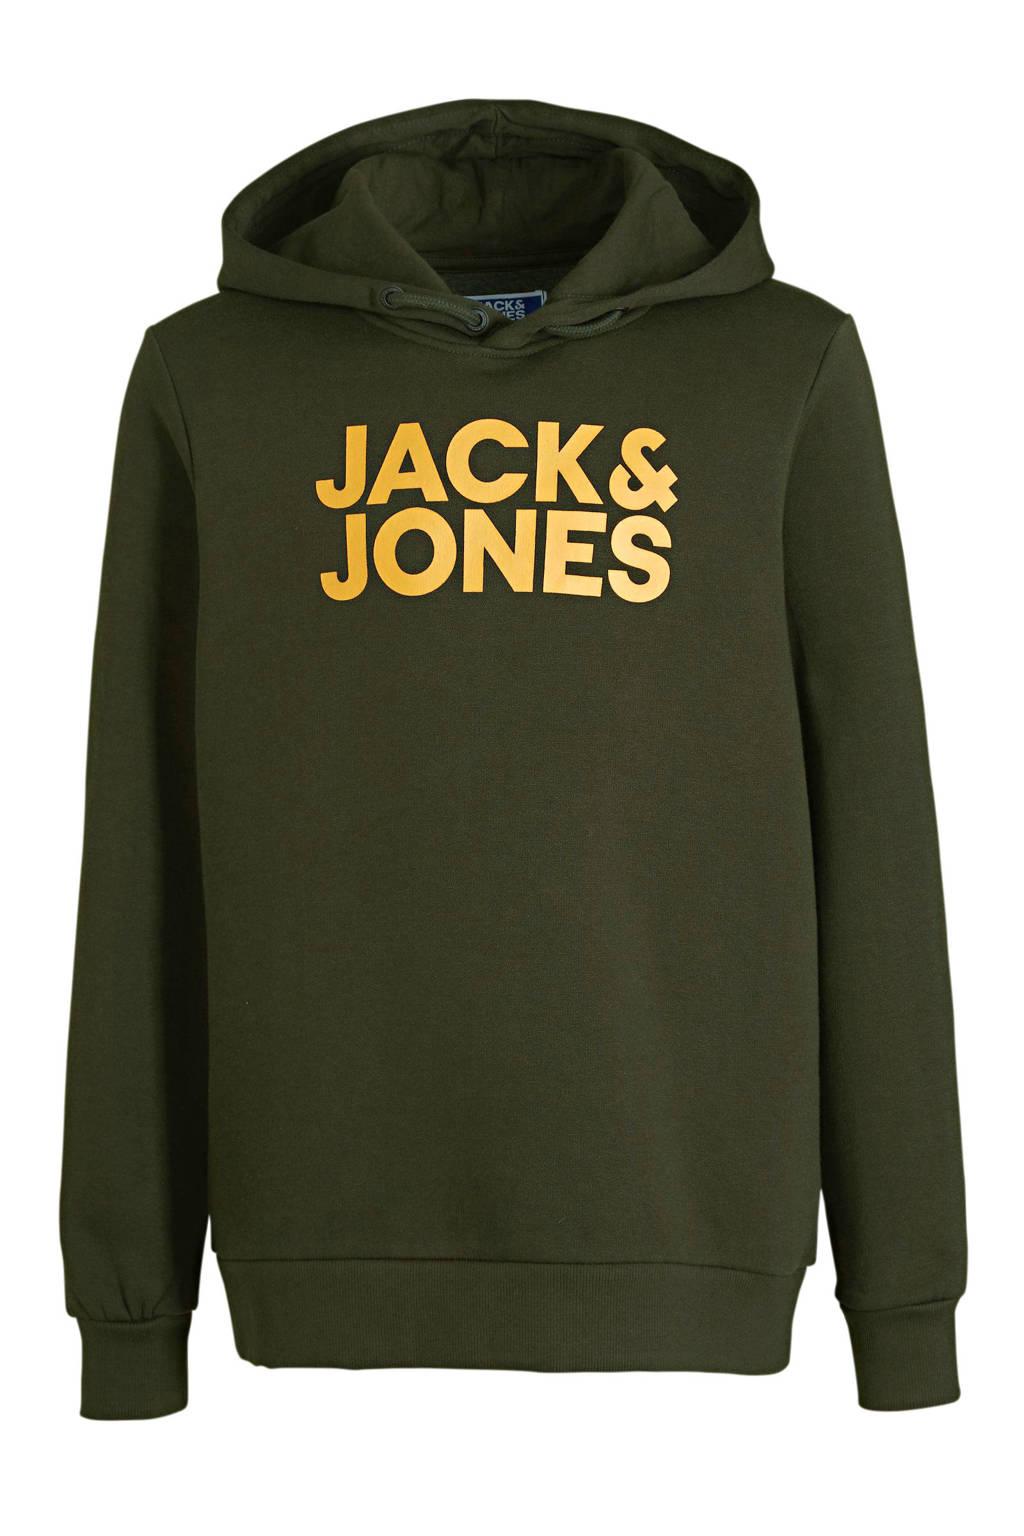 JACK & JONES JUNIOR hoodie Corpo met logo donkergroen/zwart, Donkergroen/geel